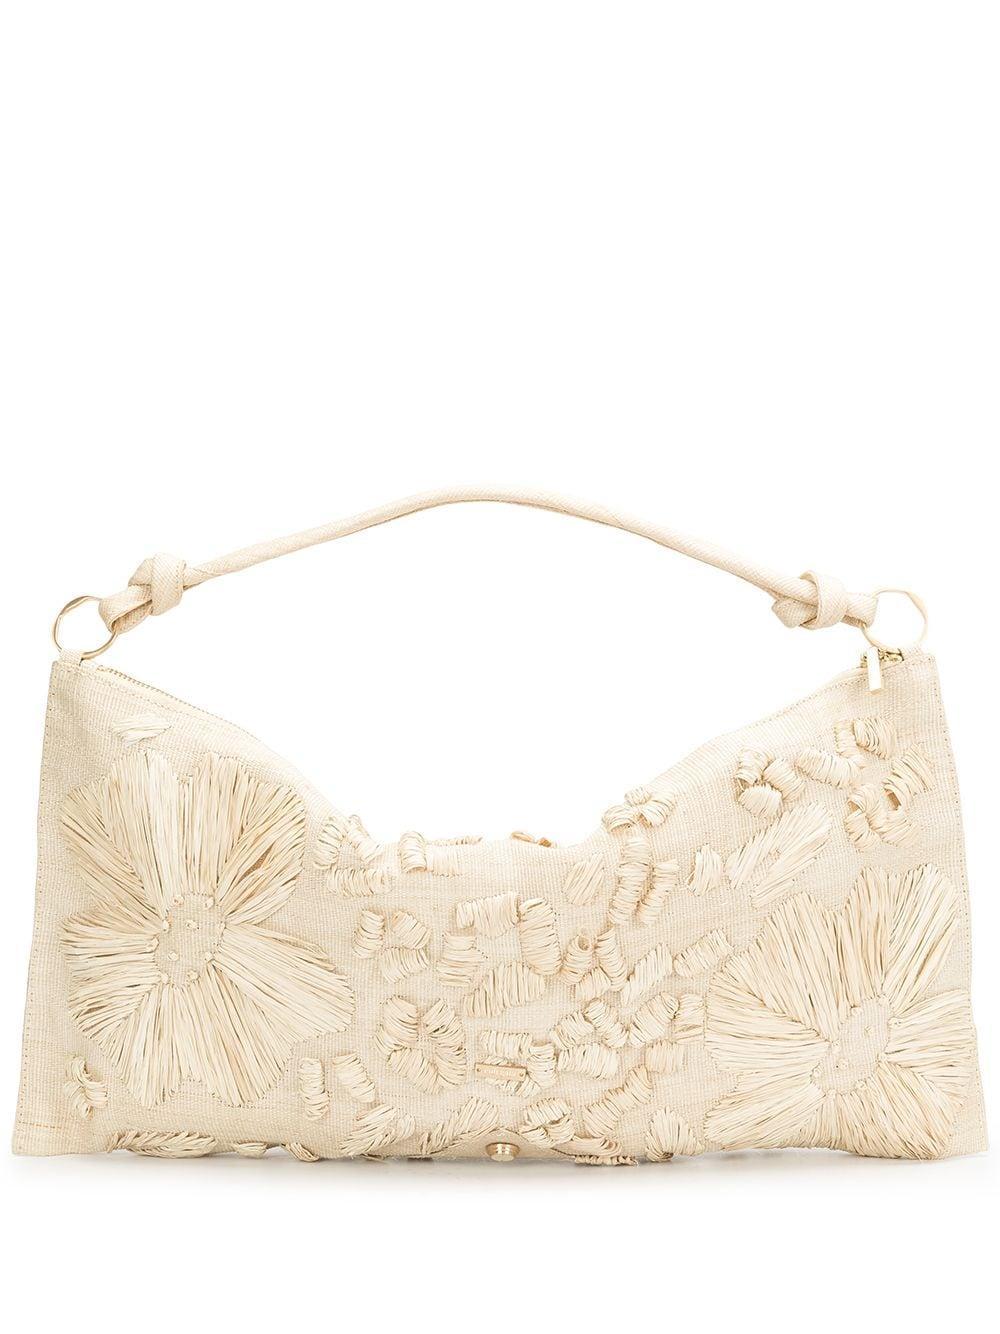 Hera Embroidered Shoulder Bag